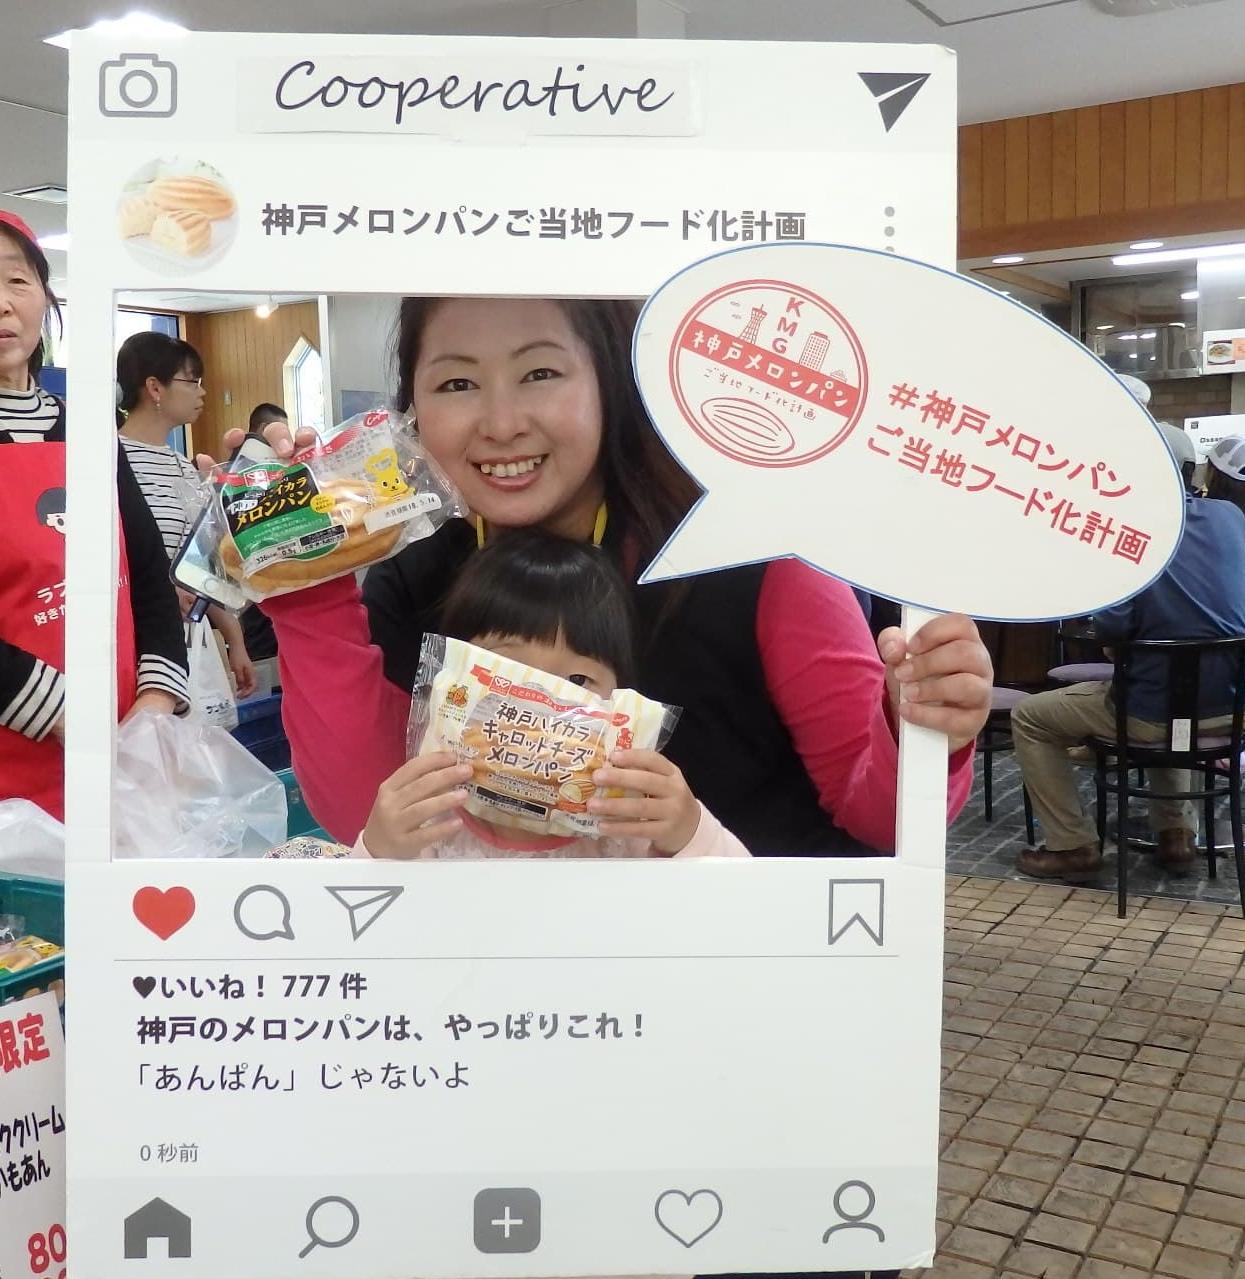 三田市パンまつり(KMG)小寺さん (2).jpg